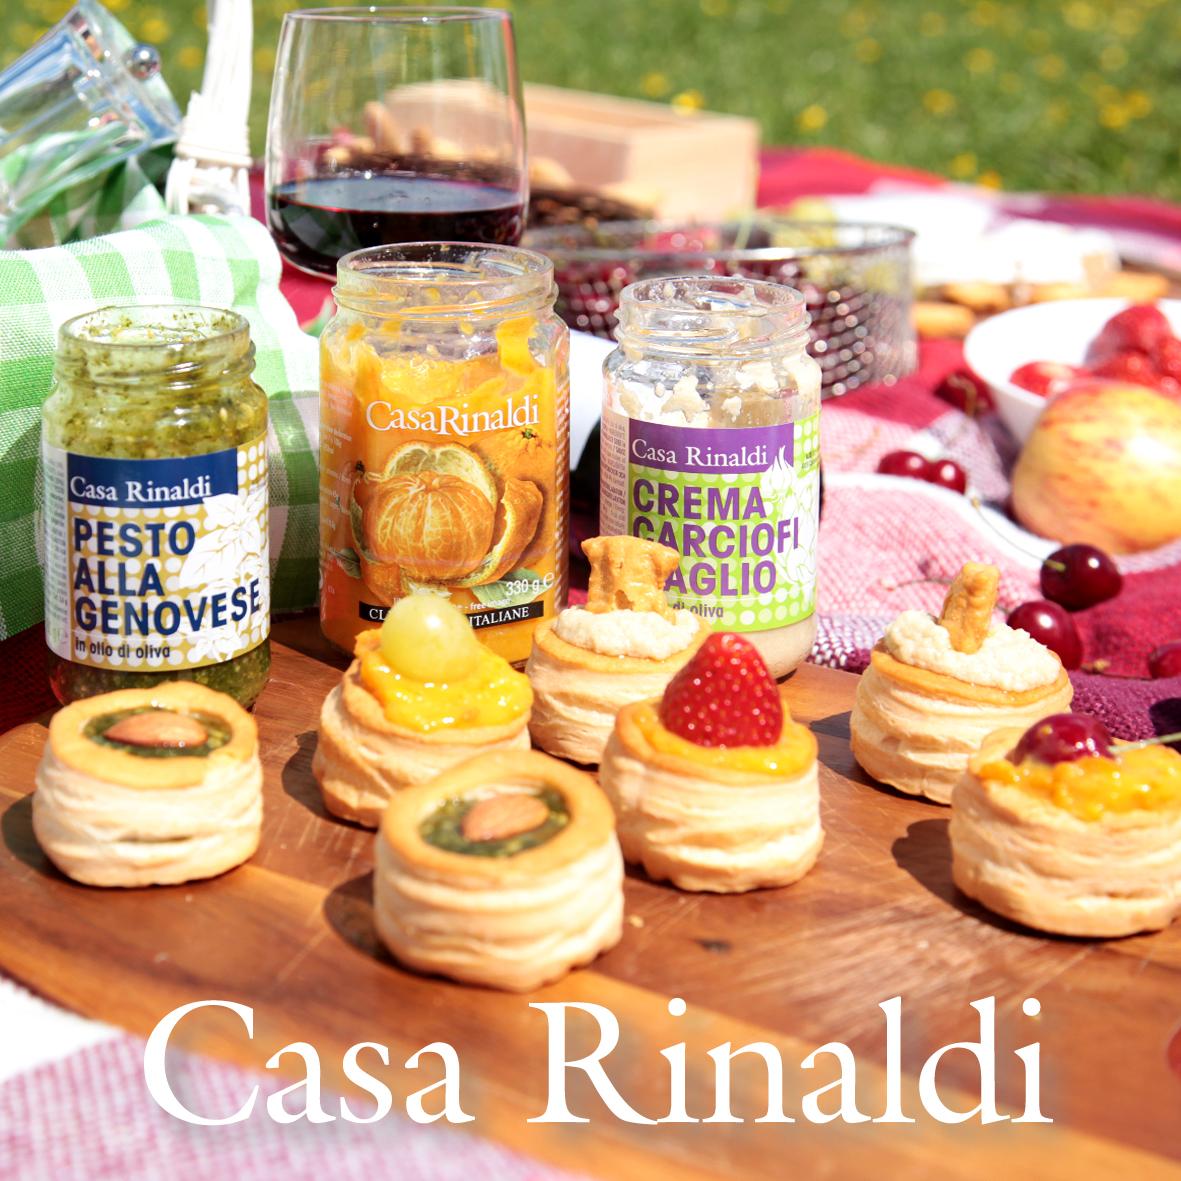 Крем-паста Casa Rinaldi из артишоков с чесноком в оливковом масле